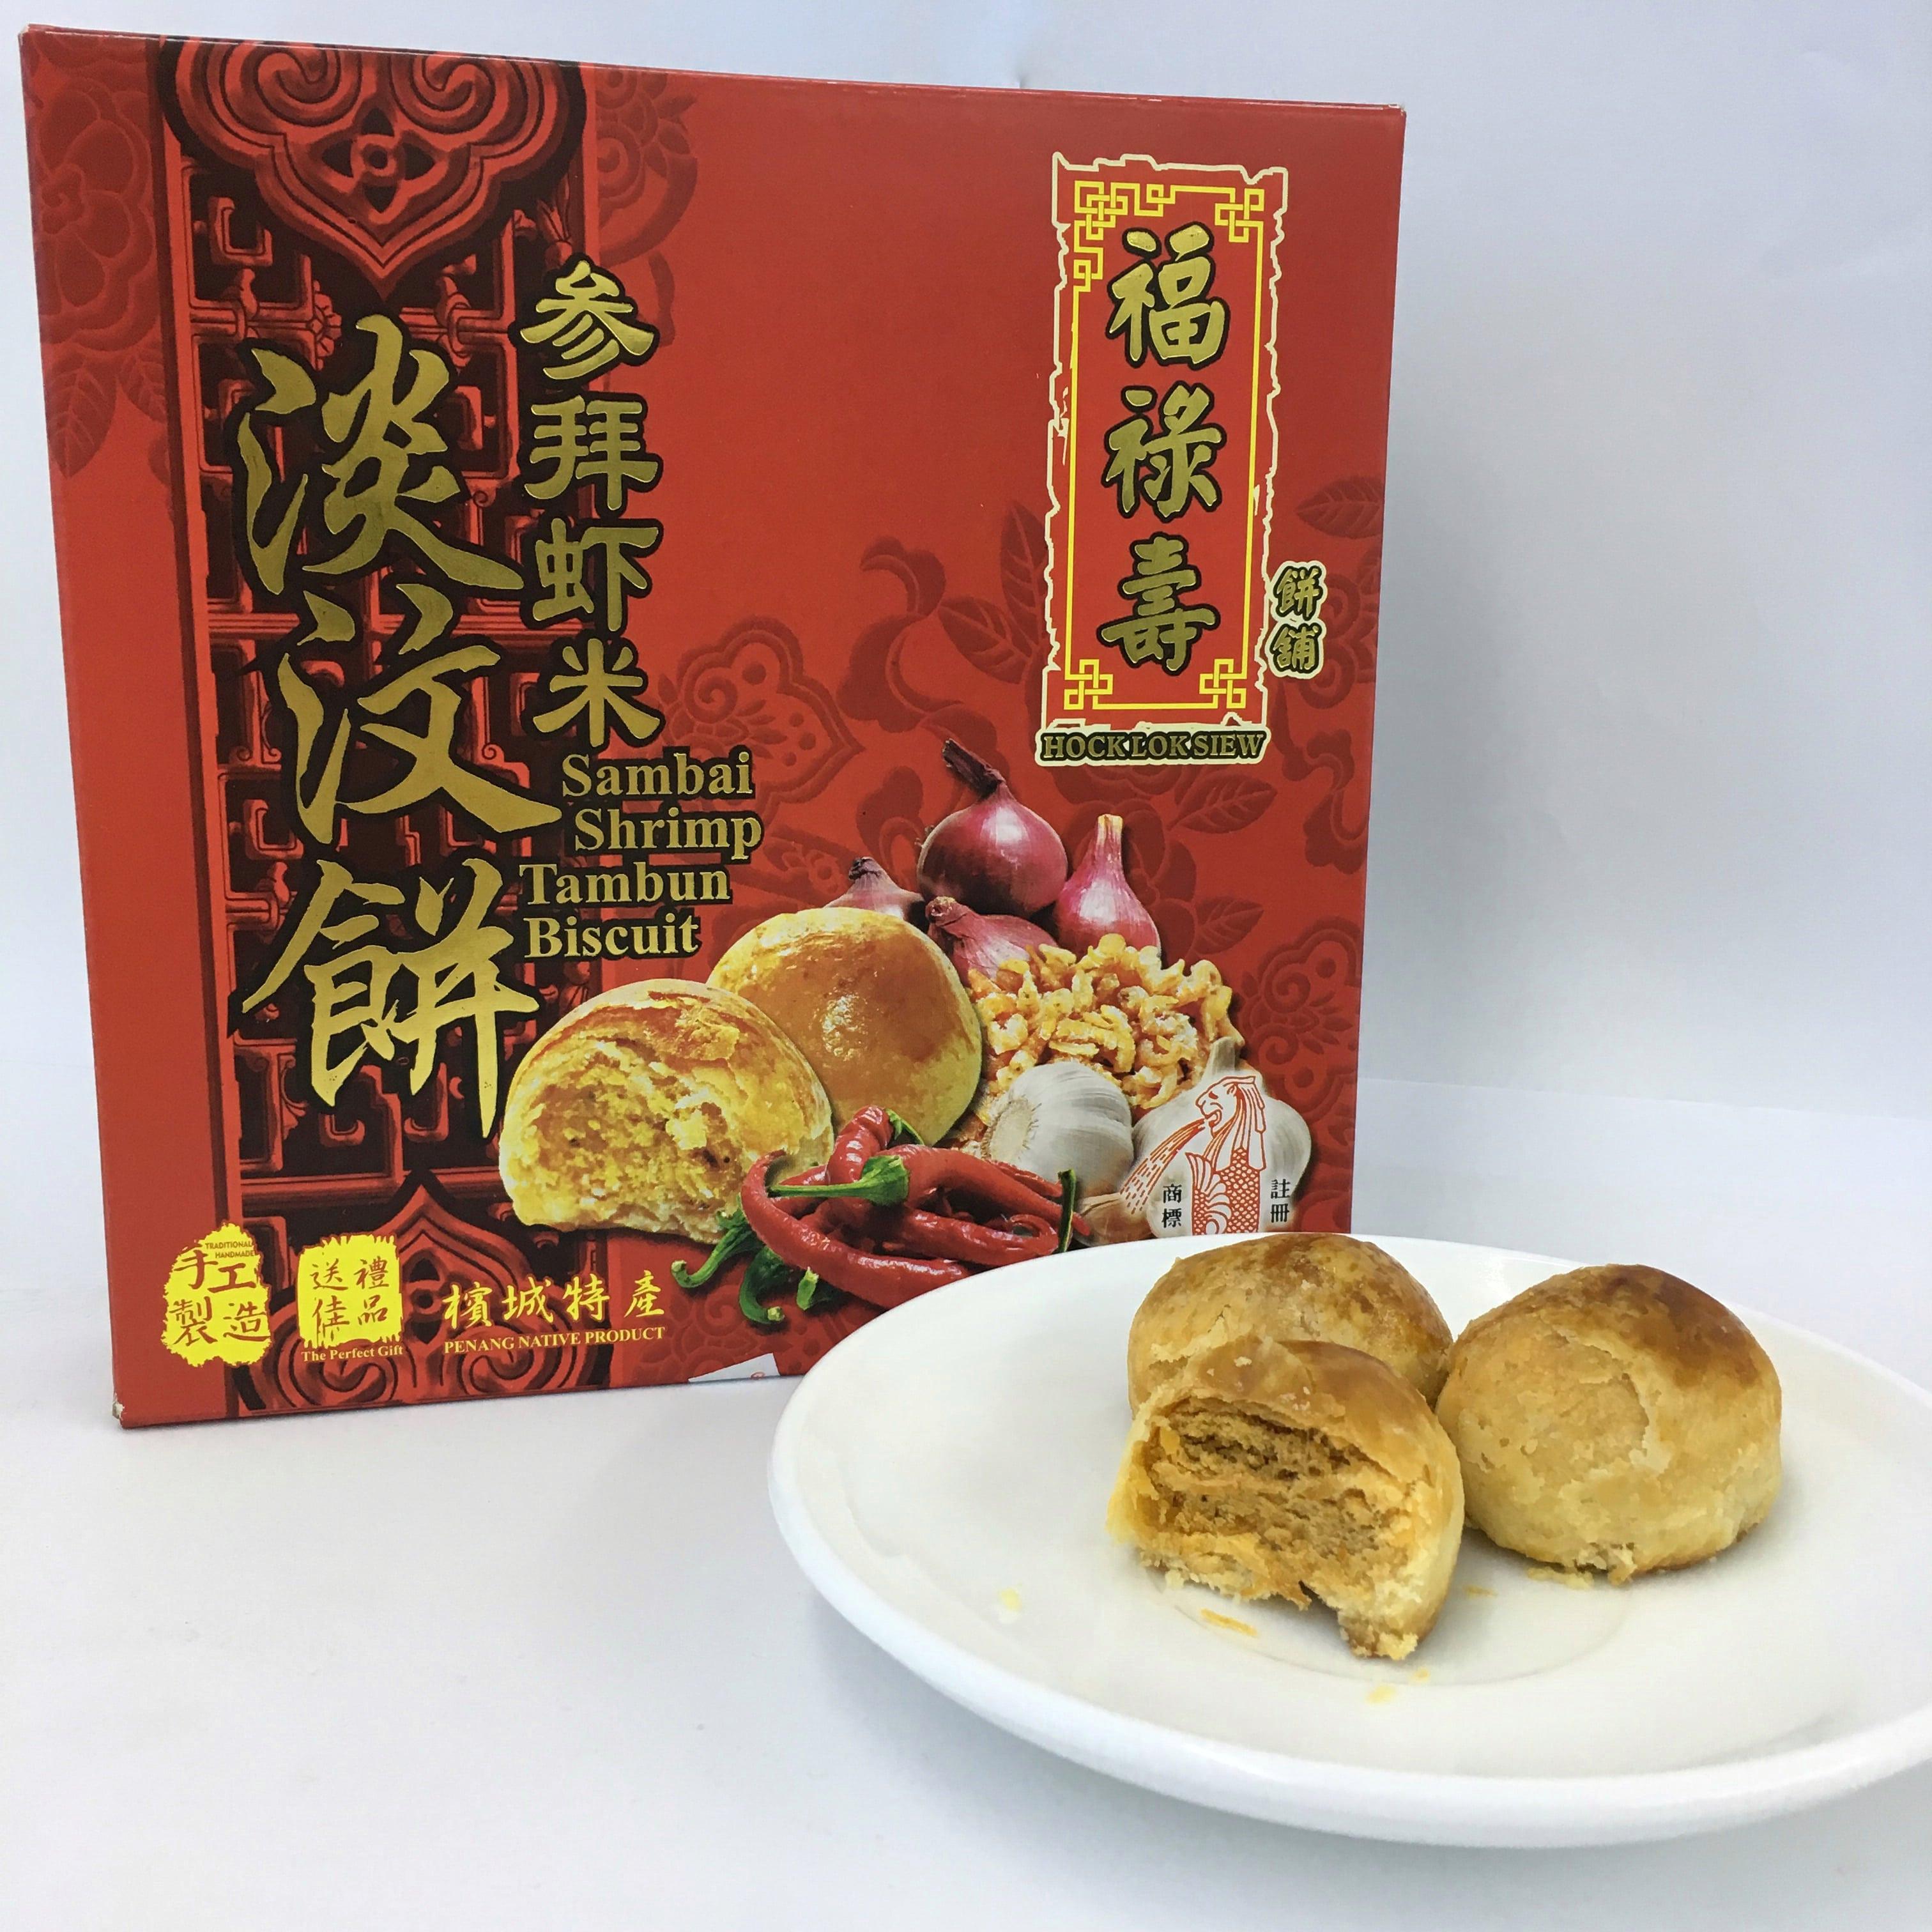 image of Sambai Shrimp Tambun Biscuit 淡汶饼参拜虾米